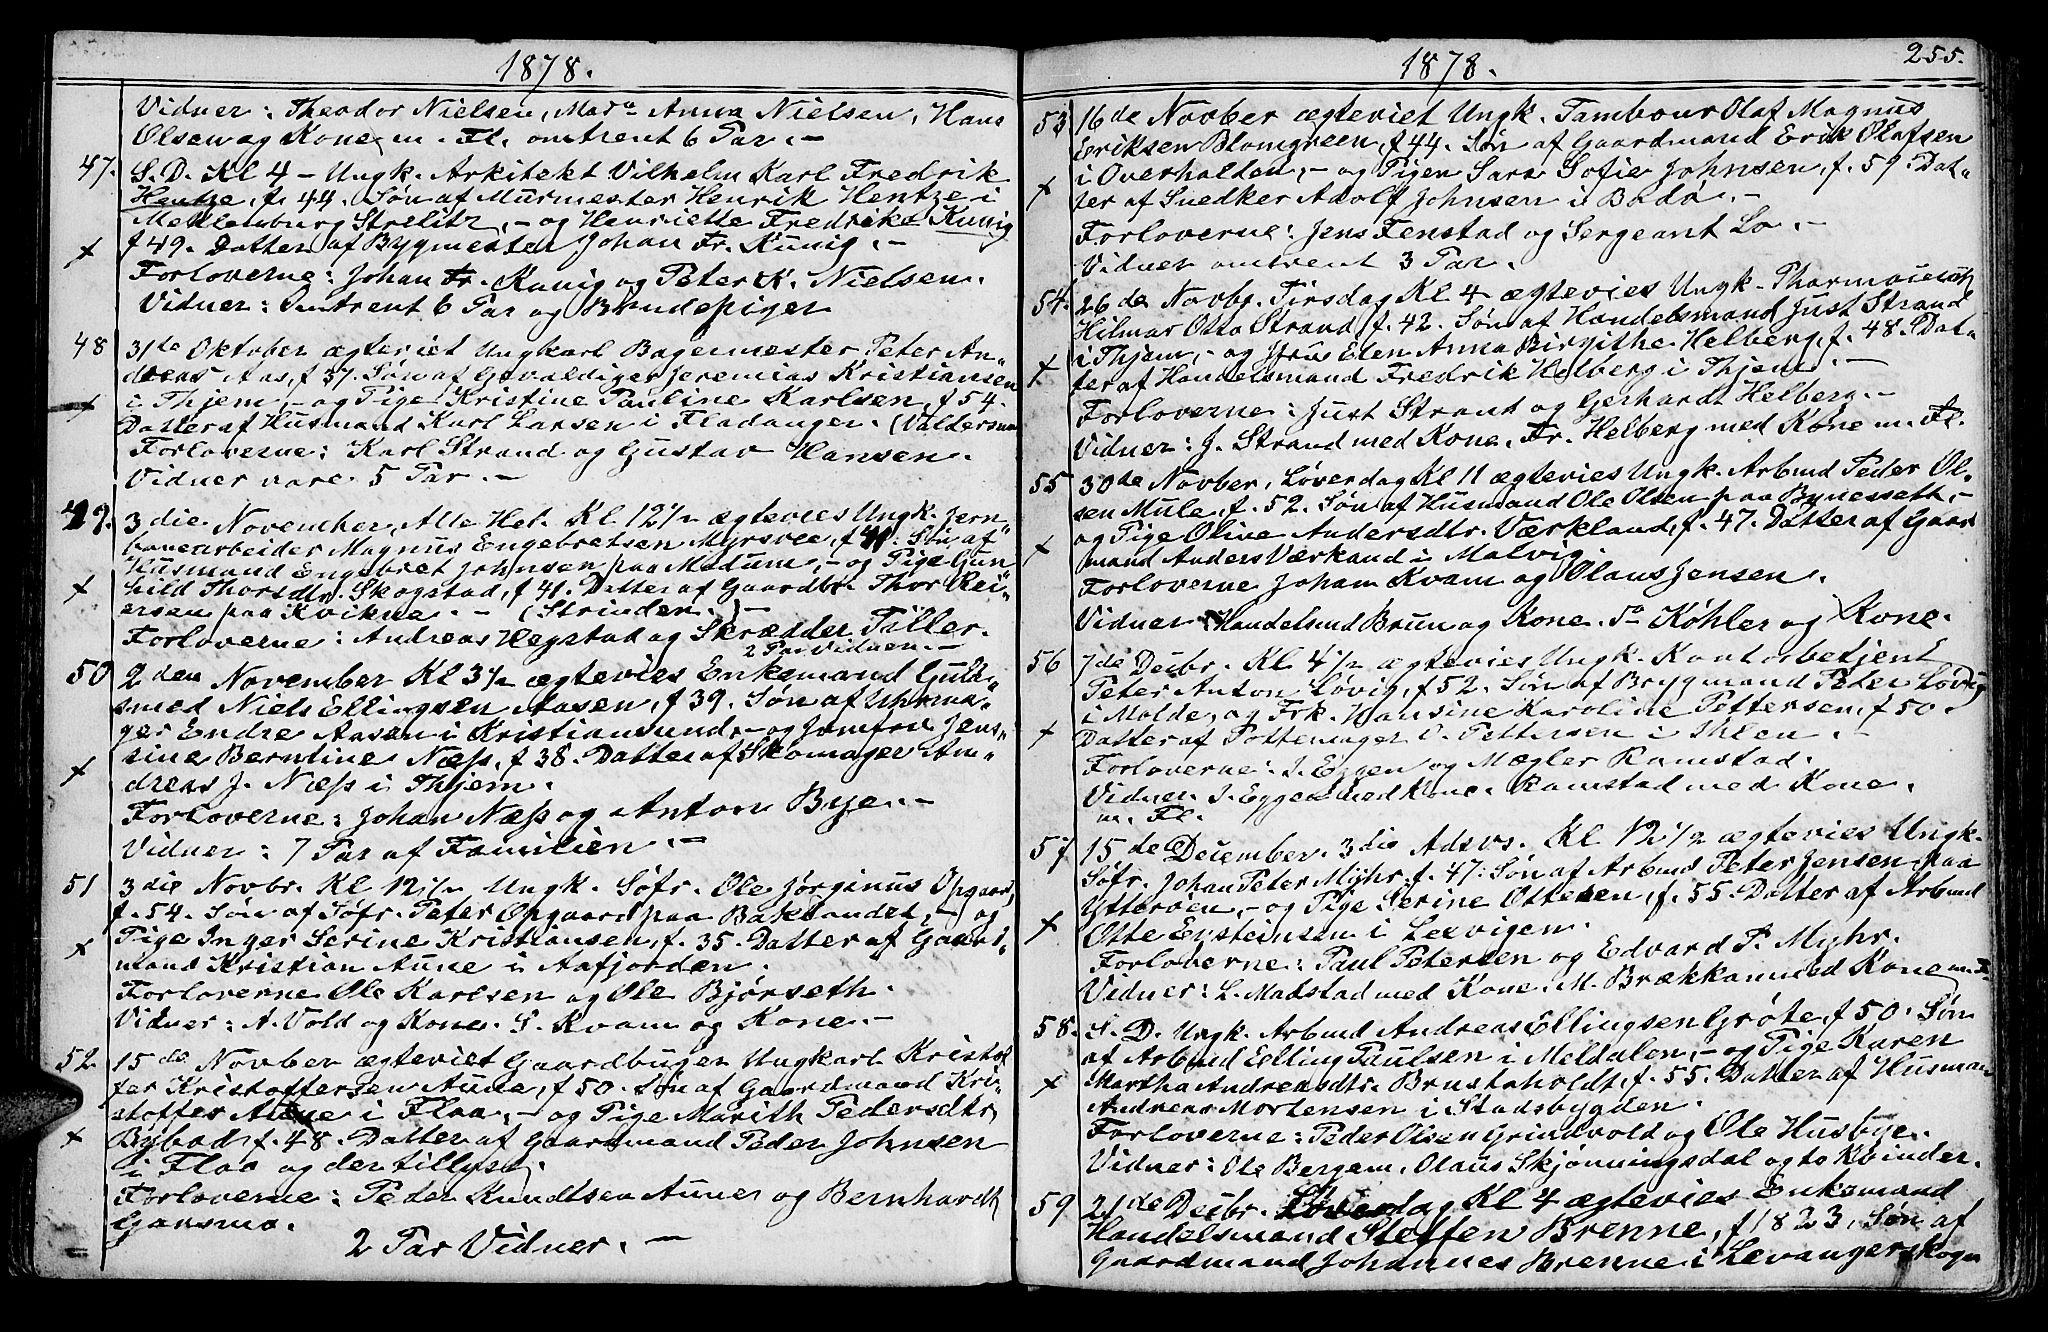 SAT, Ministerialprotokoller, klokkerbøker og fødselsregistre - Sør-Trøndelag, 602/L0142: Klokkerbok nr. 602C10, 1872-1894, s. 255